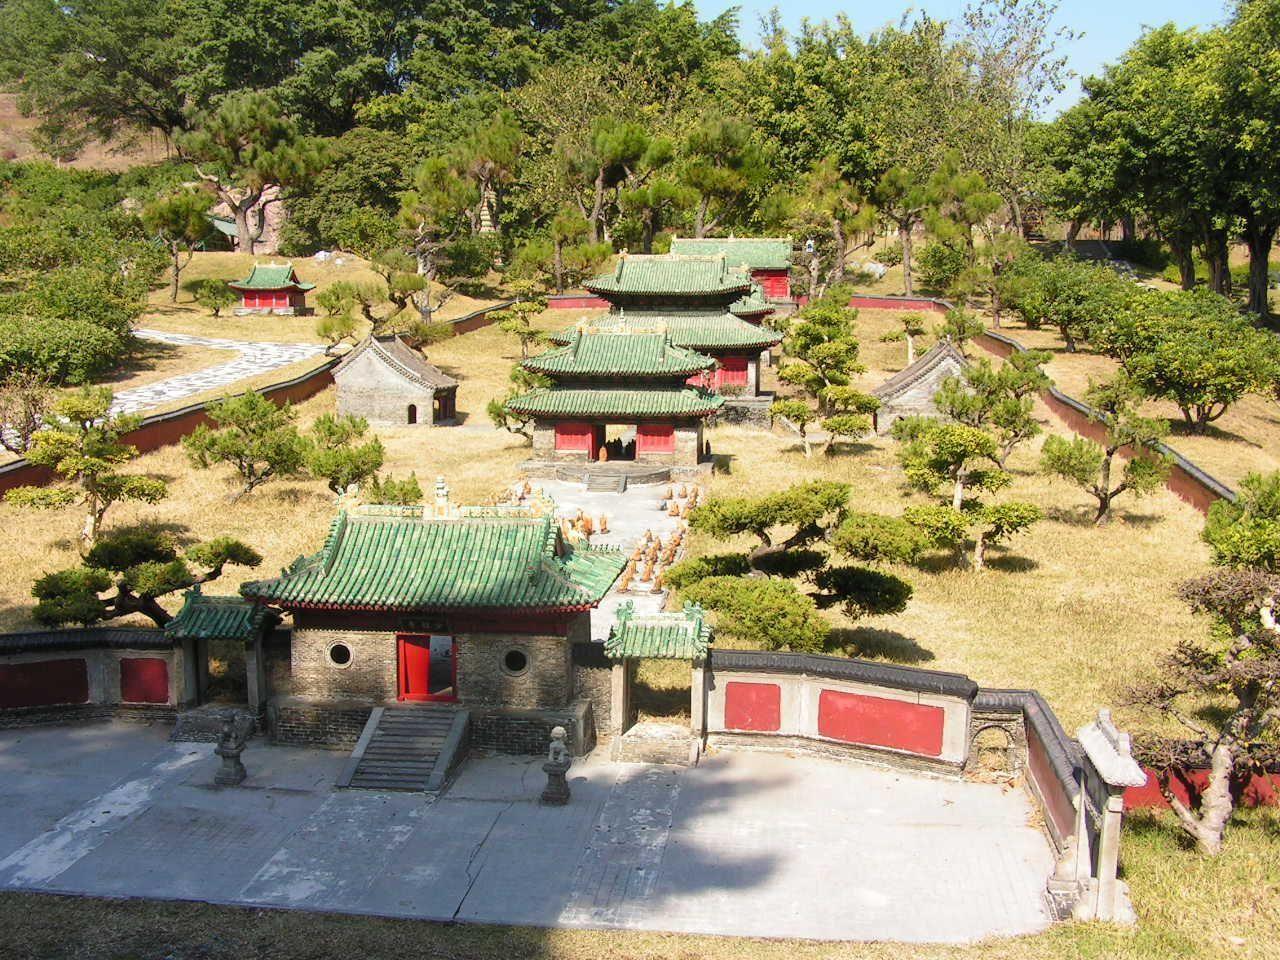 河南热门旅游景点 嵩山少林寺旅游攻略 低音号免费语音导游